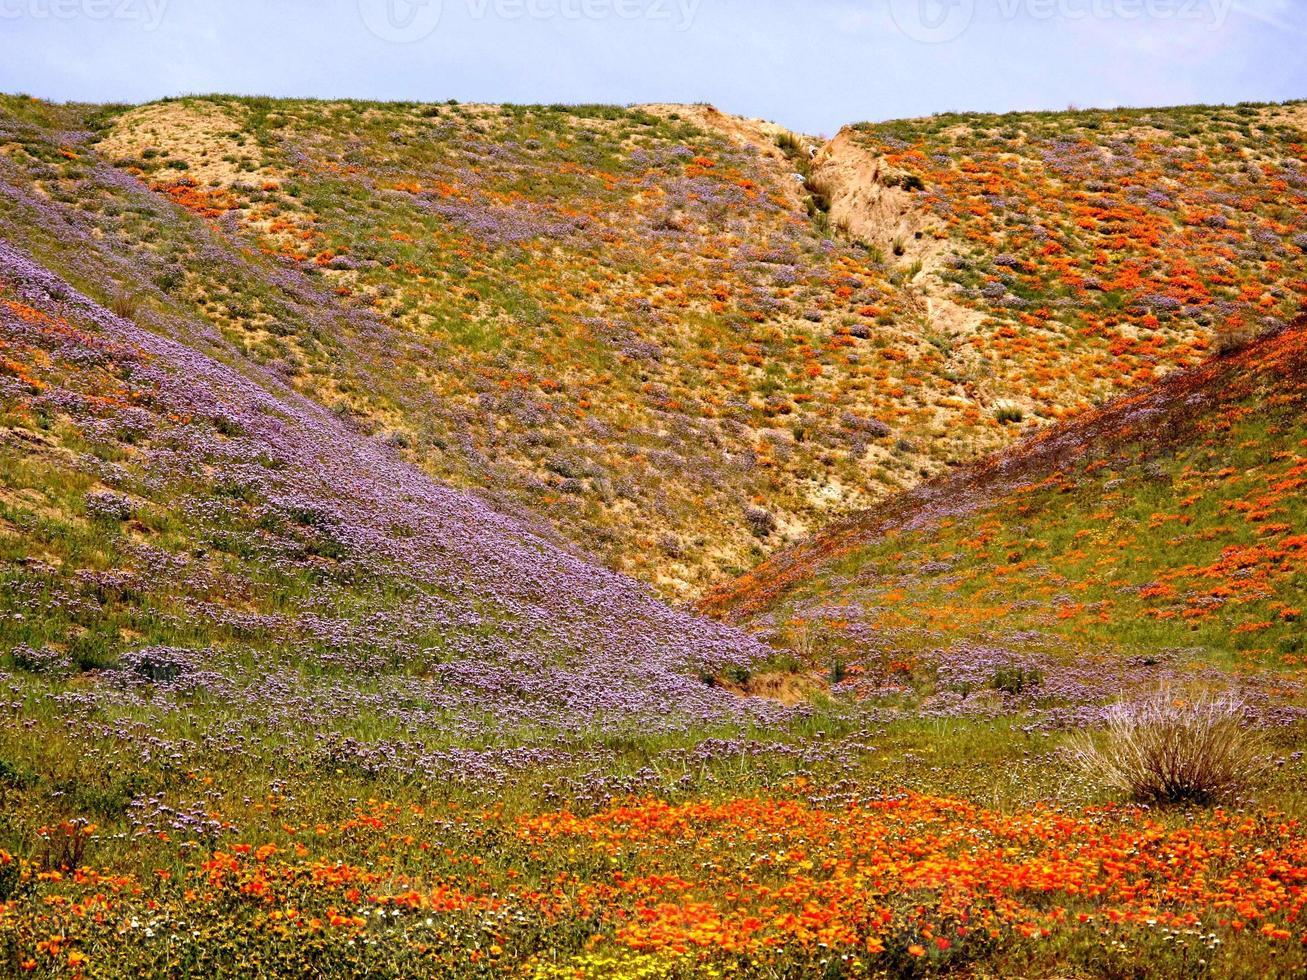 vildblommor på våren foto